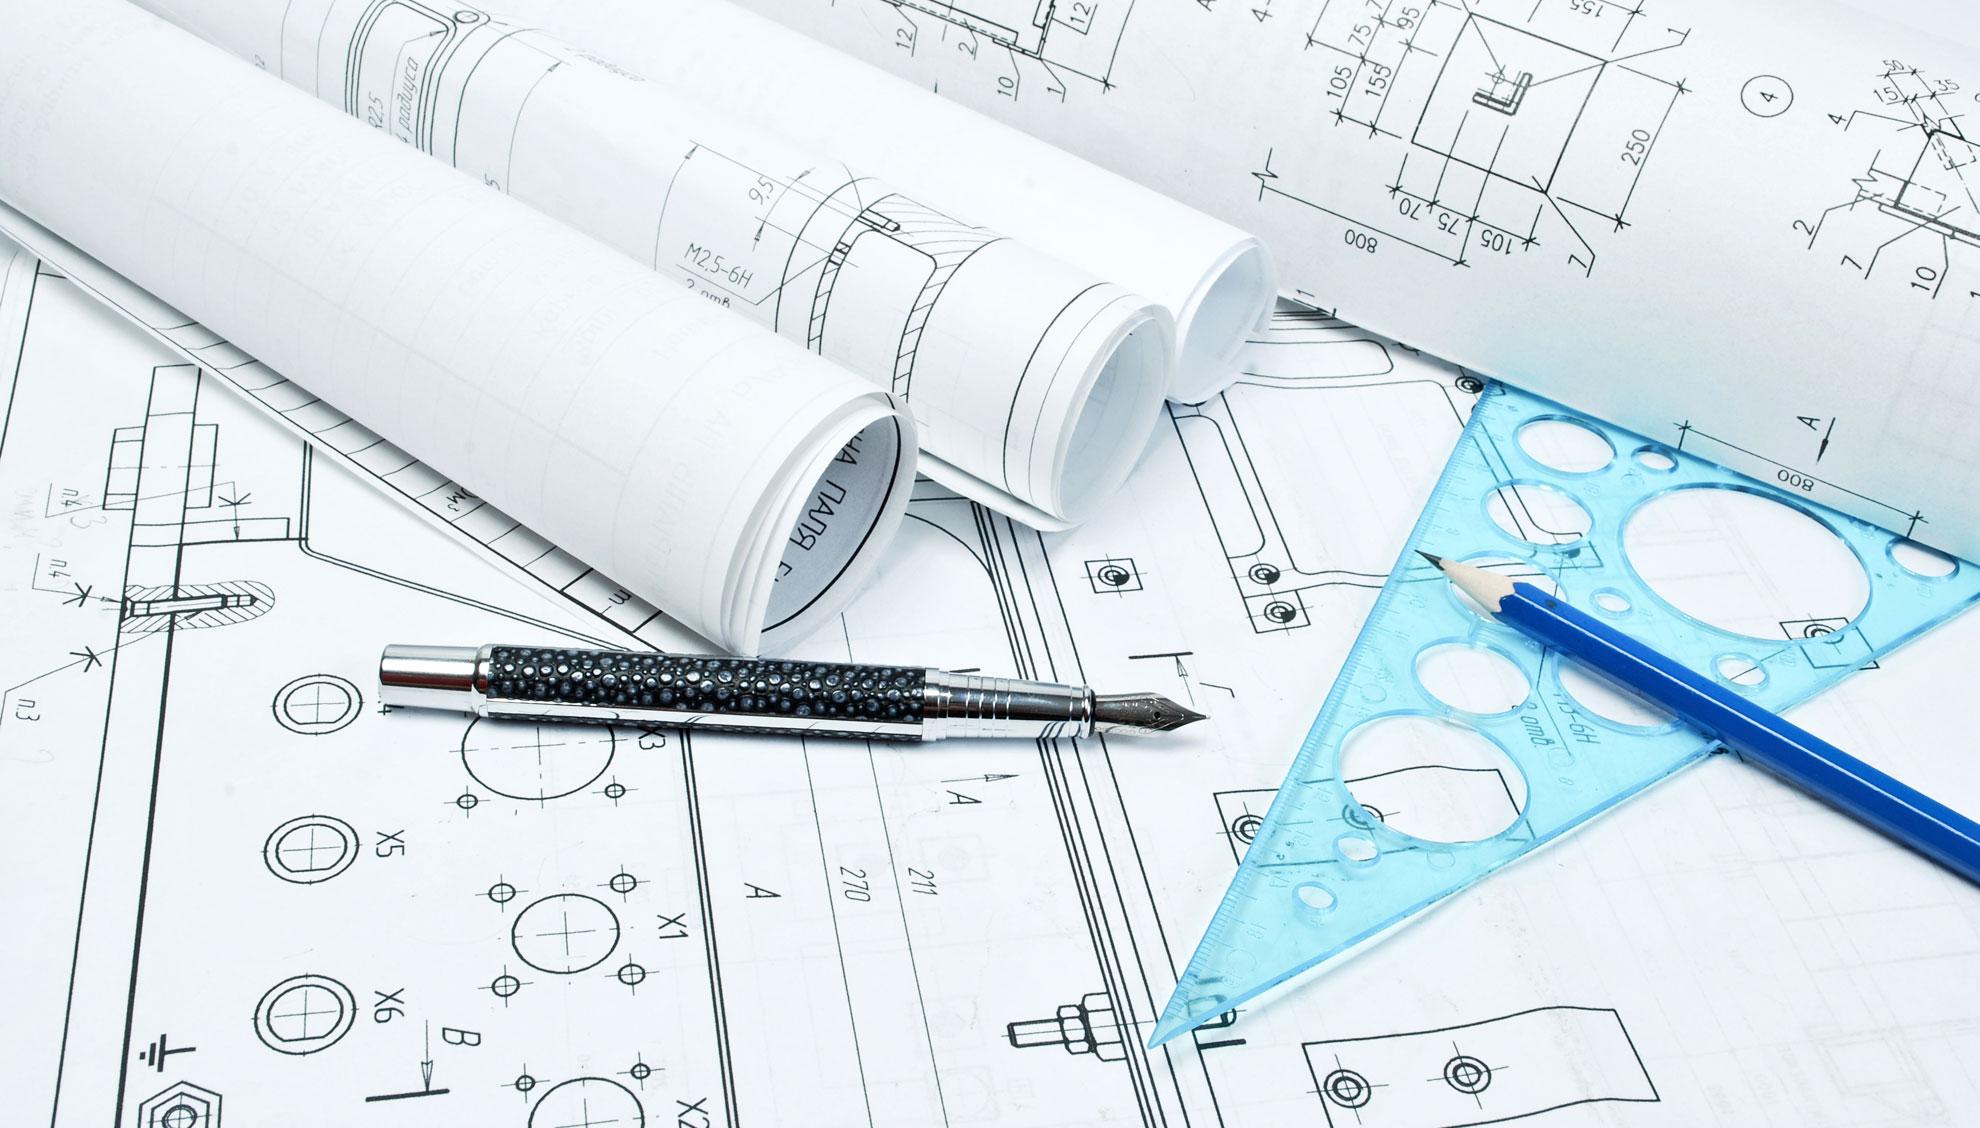 Tài liệu xây dựng nước ngoài là tập hợp những tinh tuý được rút ra từ kiến thức và kinh nghiệm của các kỹ sư, kiến trúc sư nổi tiếng trong ngành kiến trúc - xây dựng quốc tế.